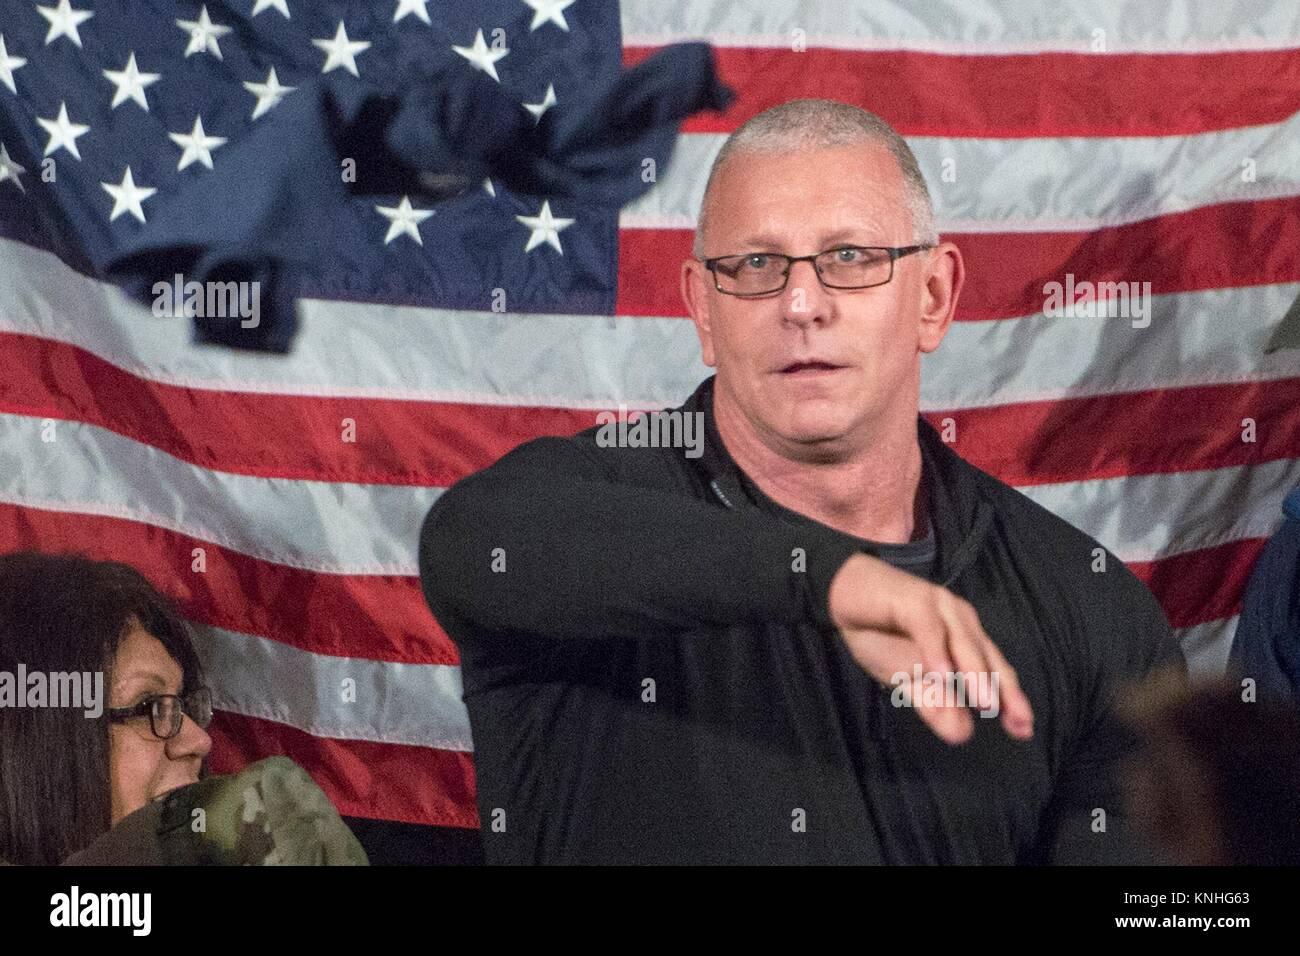 Starkoch Robert Irvine spricht mit US-Soldaten während des CJCS USO Holiday Tour 25. Dezember im Irak 2016. Stockbild